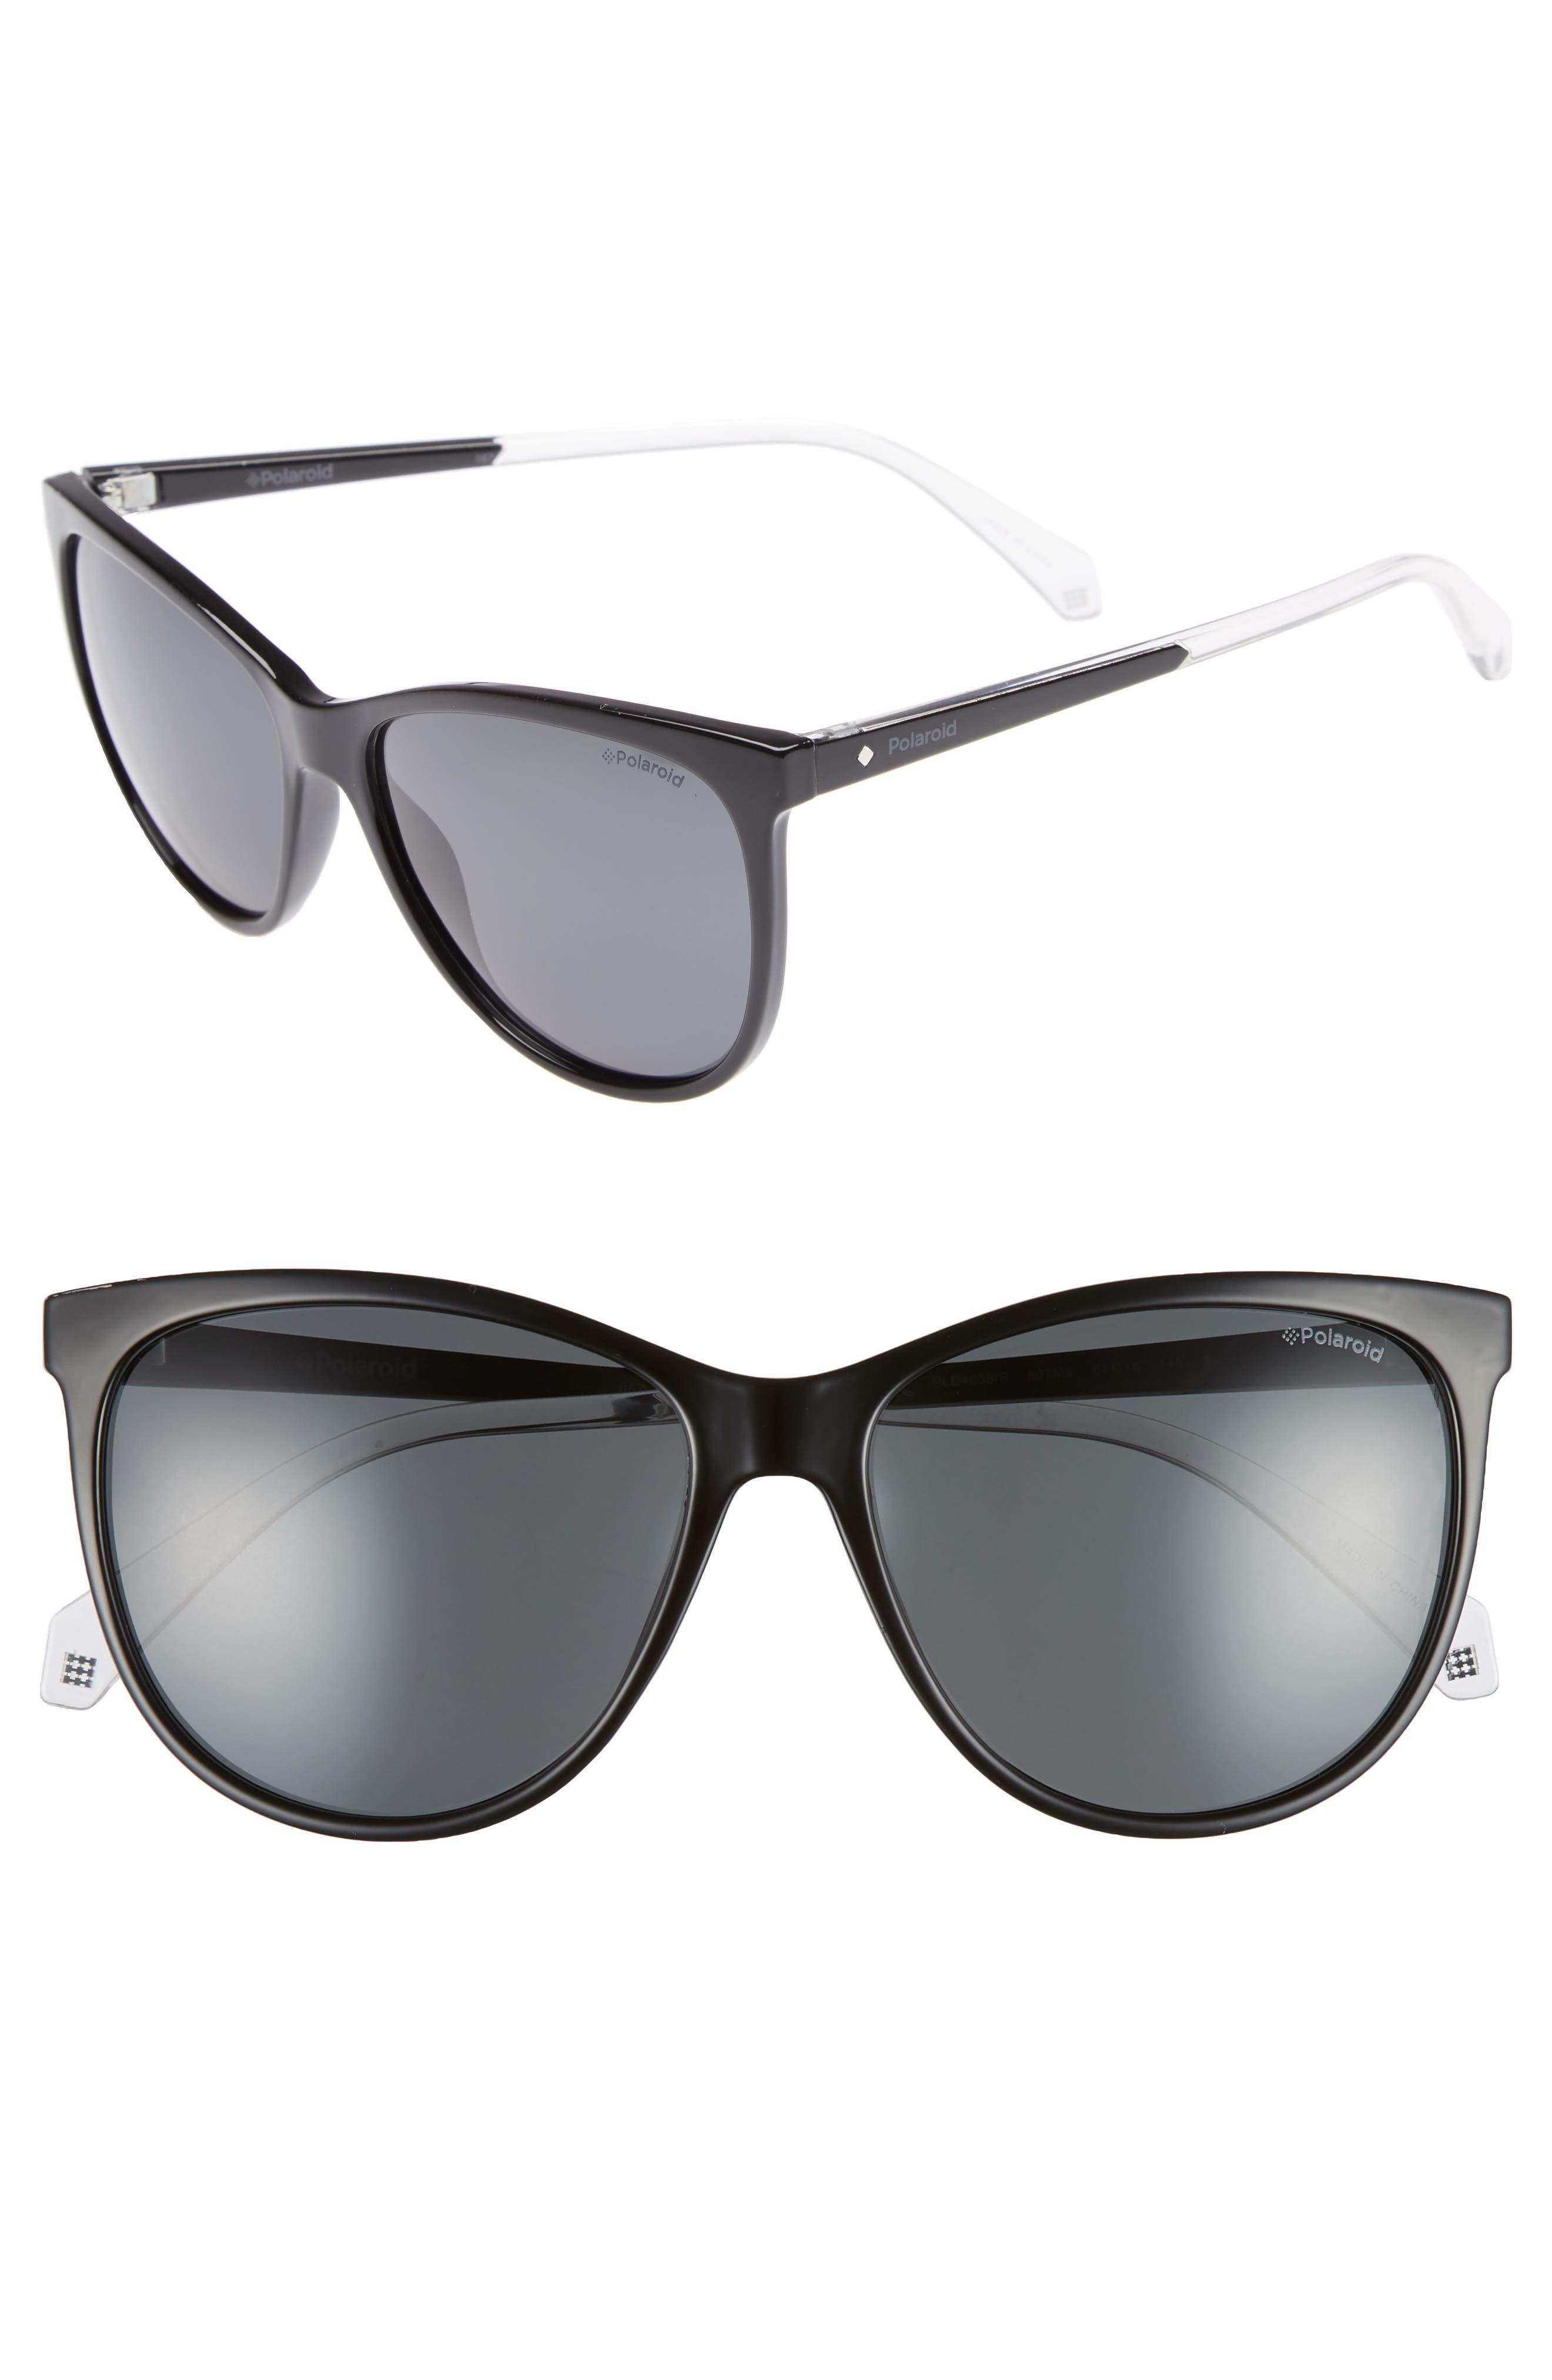 Alternate Image 1 Selected - Polaroid Basic 57mm Polarized Sunglasses